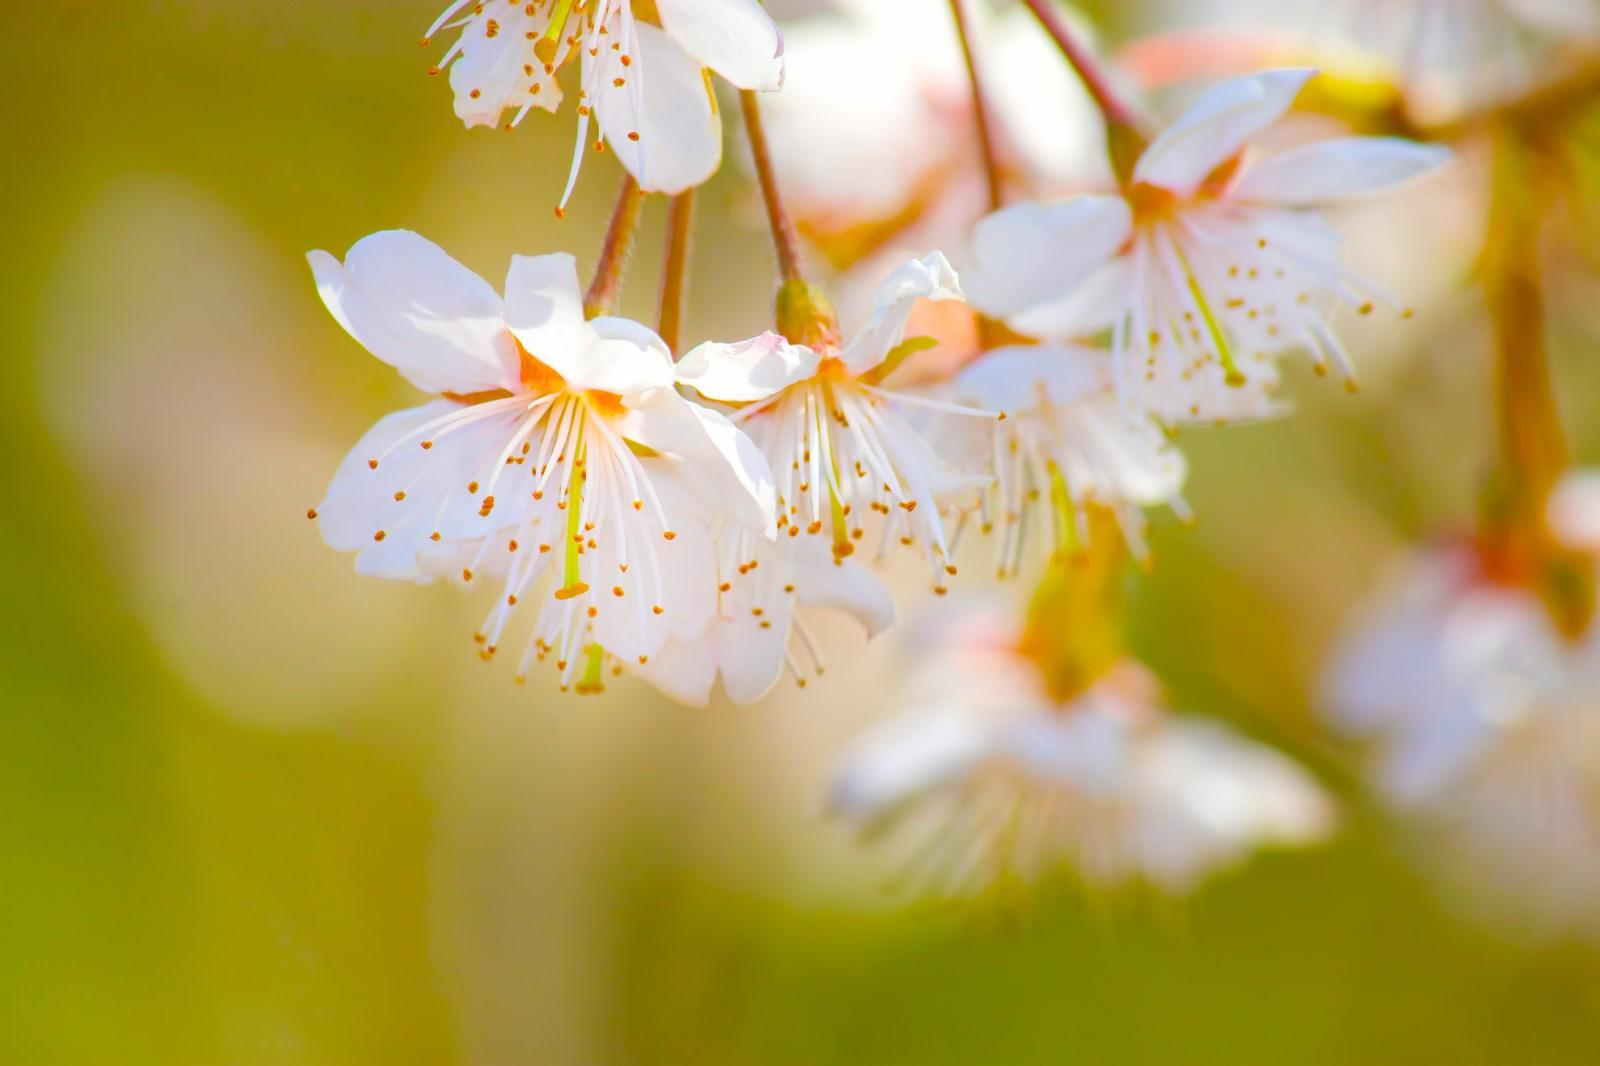 「おしべとめしべが見える白い桜おしべとめしべが見える白い桜」のフリー写真素材を拡大